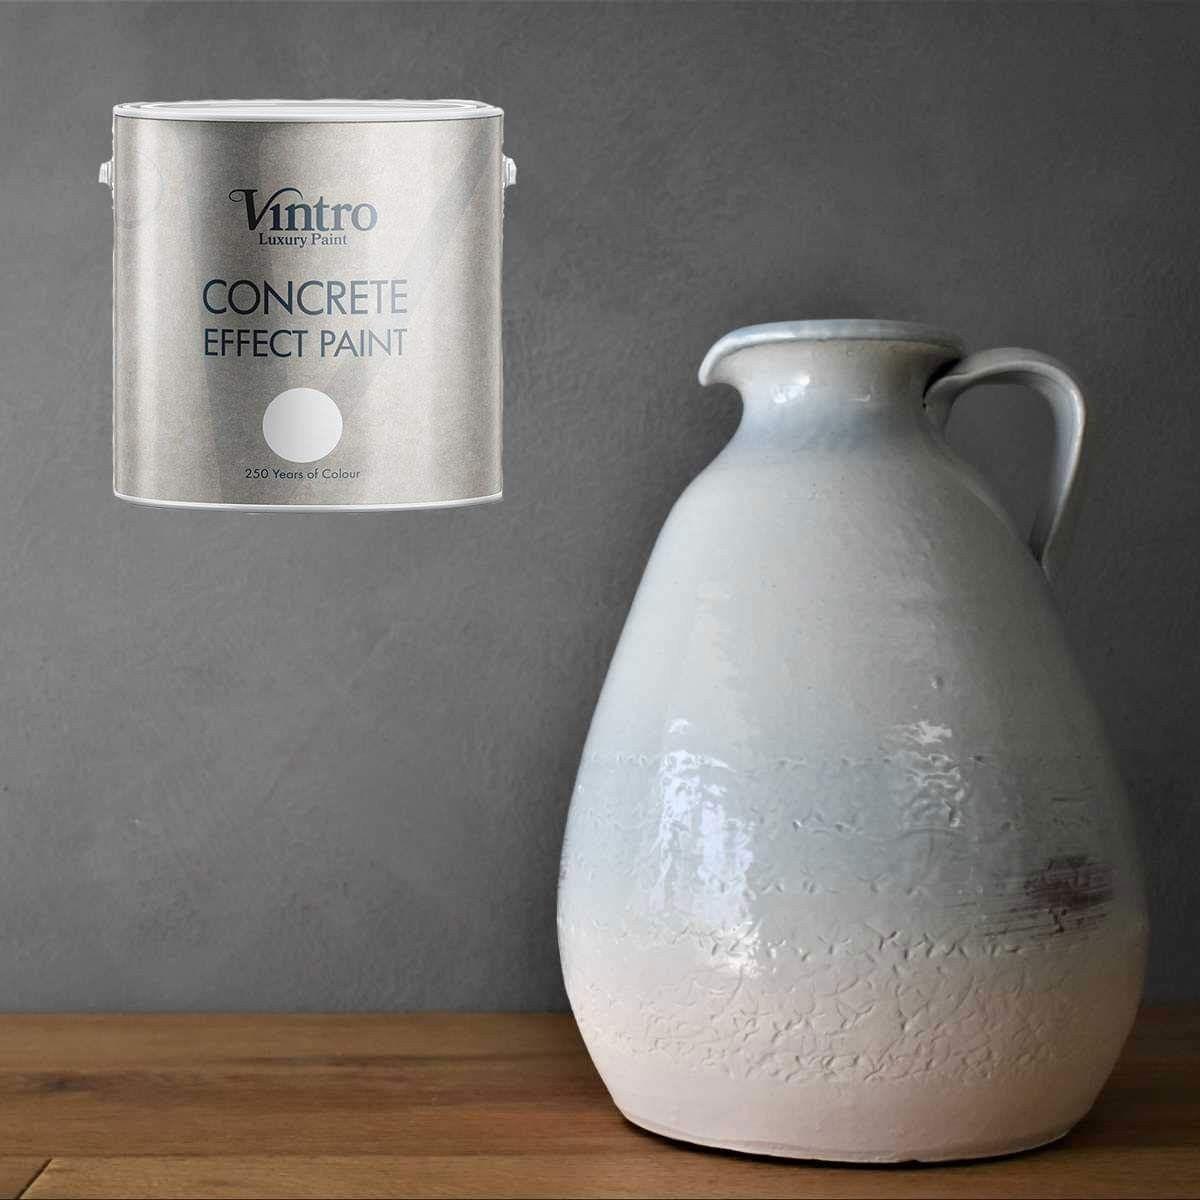 Voor slechts €66,95 heb je 2,5 liter Vintro Concrete Paint en kan je ongeveer 20 m2 omtoveren in beton! Van muren tot meubelen. Deze verf is geurloos en heel makkelijk te verwerken. Om alle kneepjes te leren kan je ook een workshop volgen.